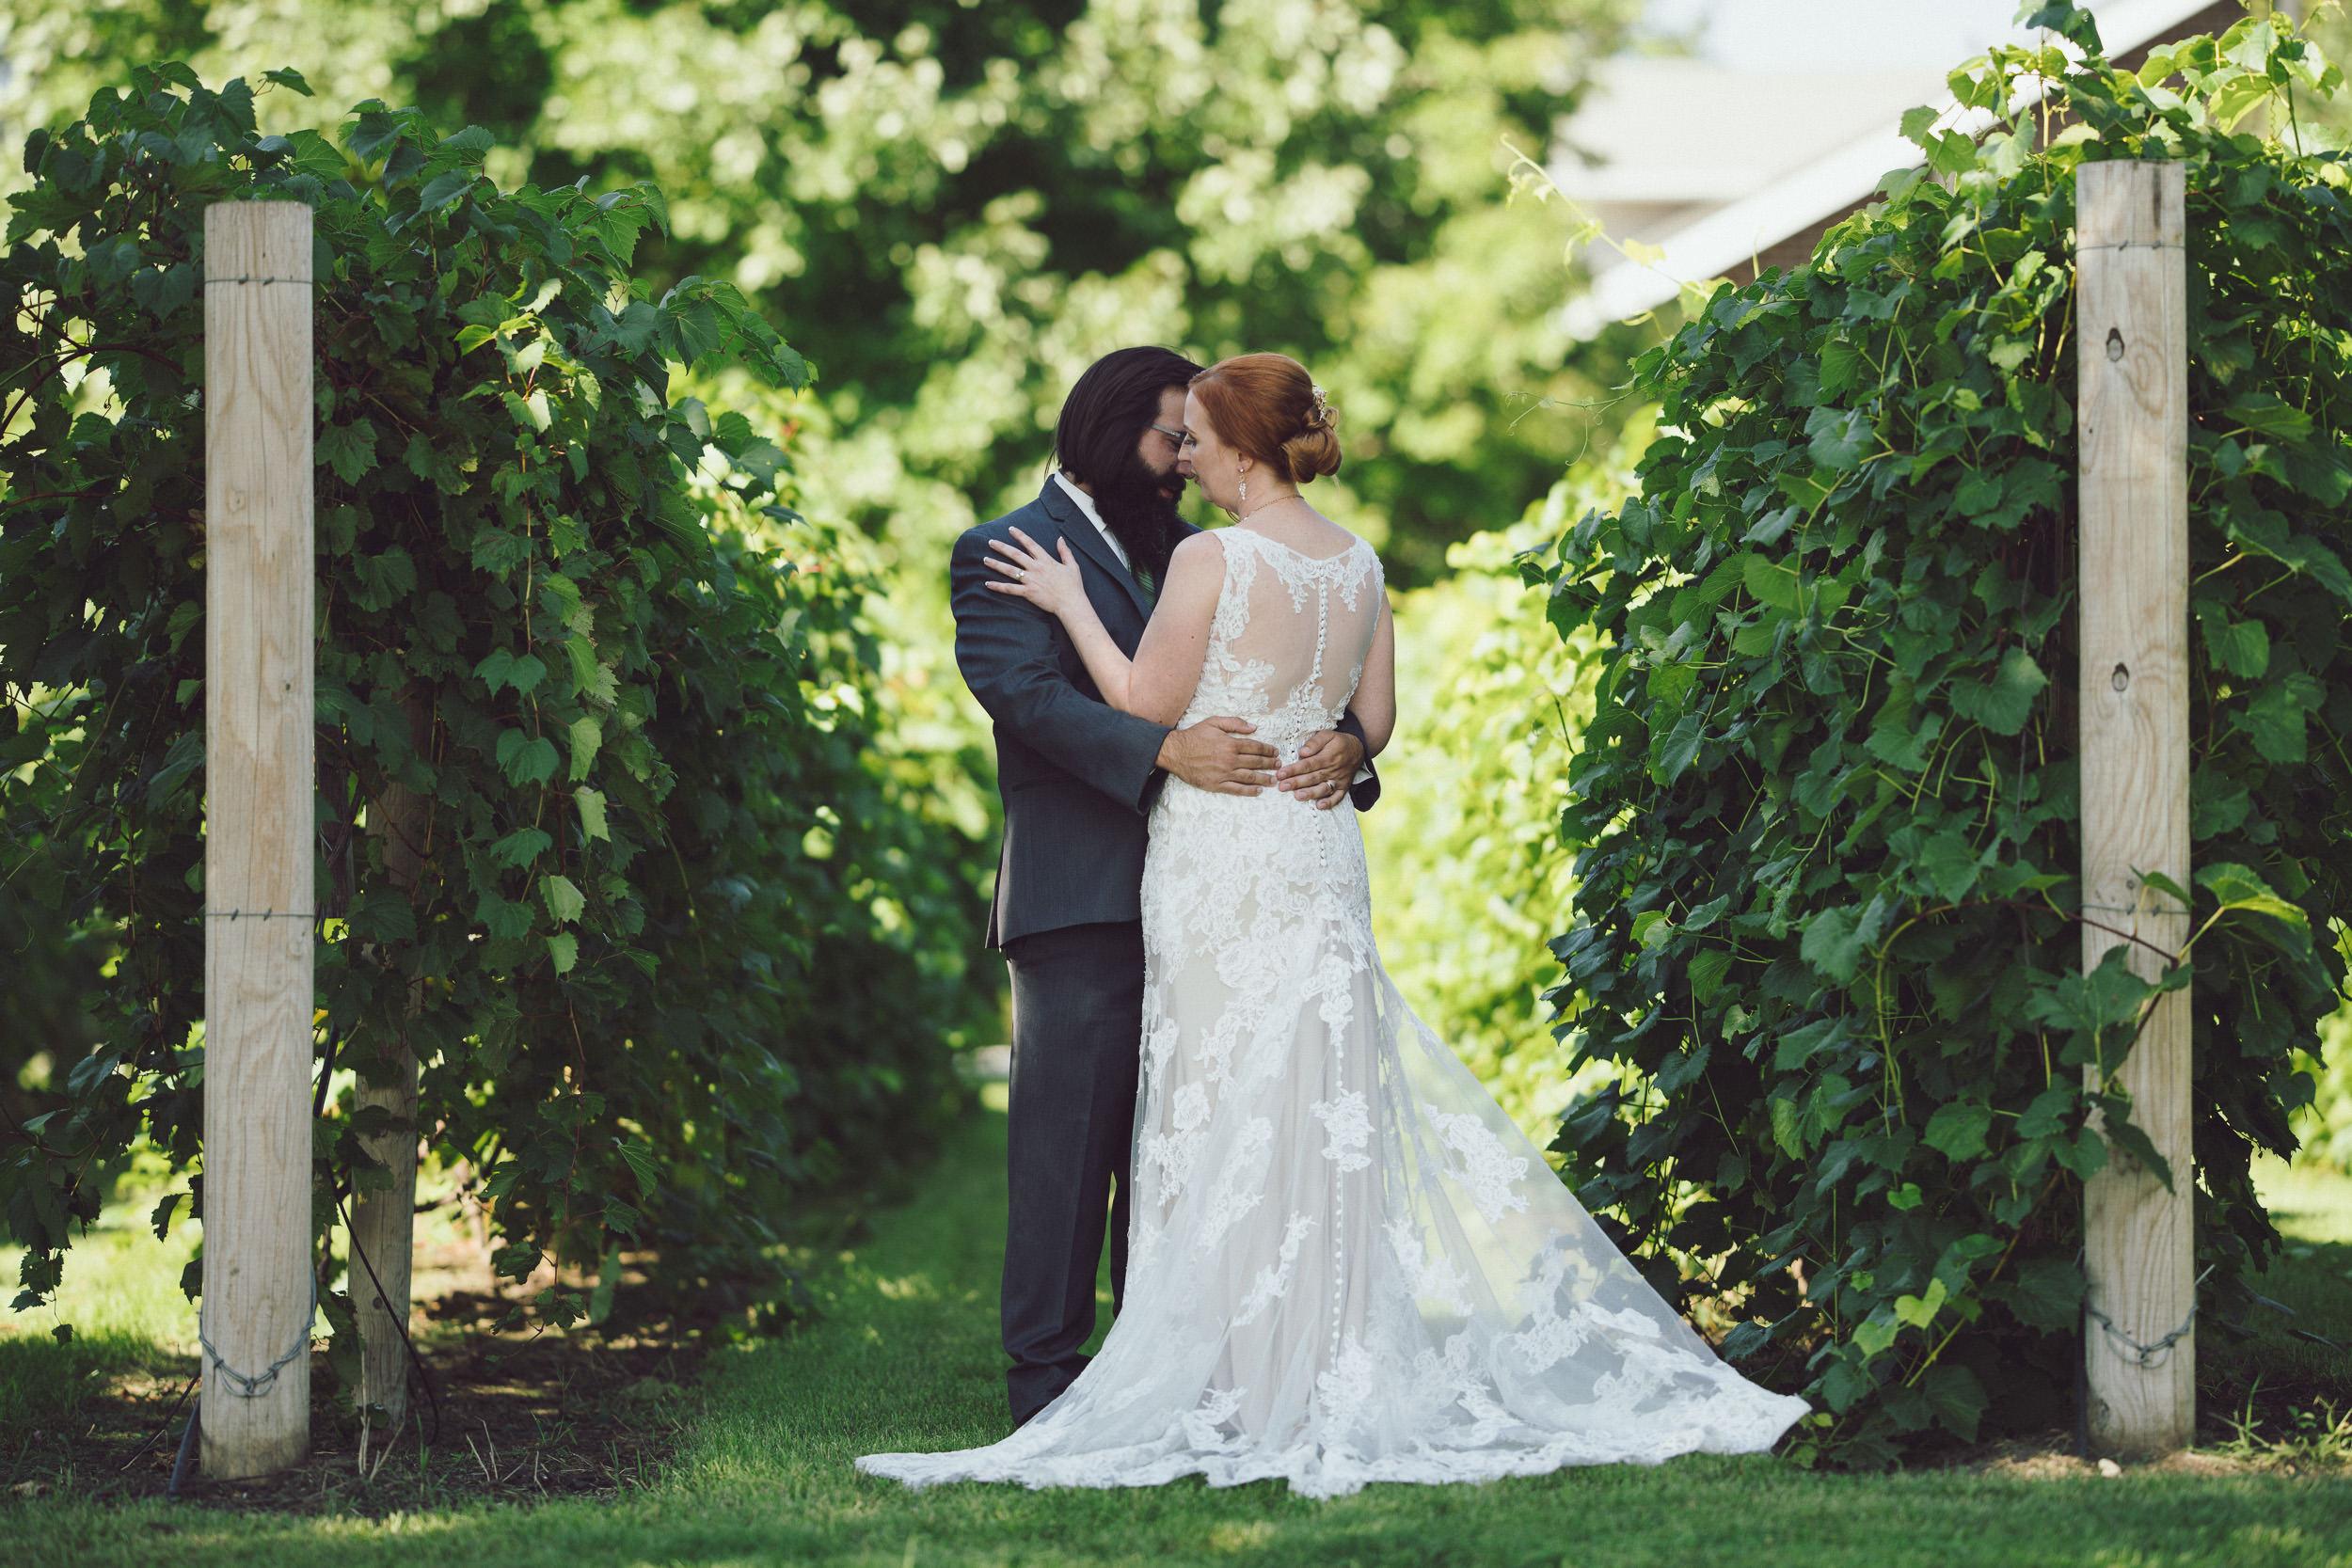 wedding-keely-caleb-295.jpg